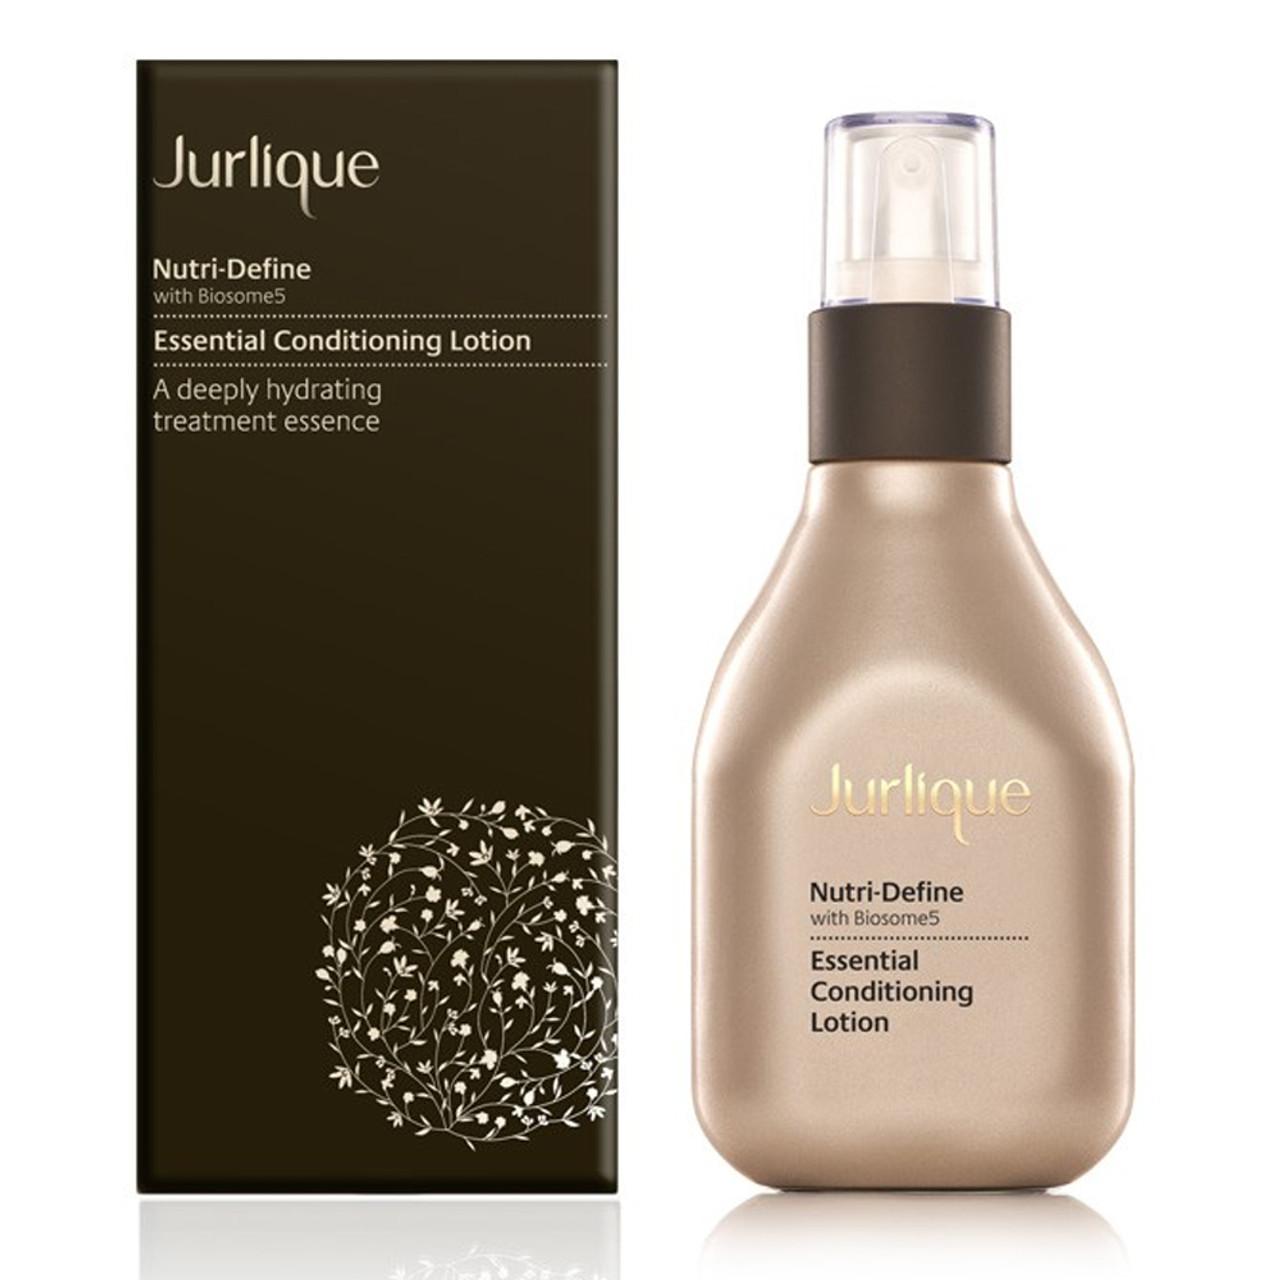 Jurlique Nutri Define Essential Conditioning Lotion (discontinued) BeautifiedYou.com